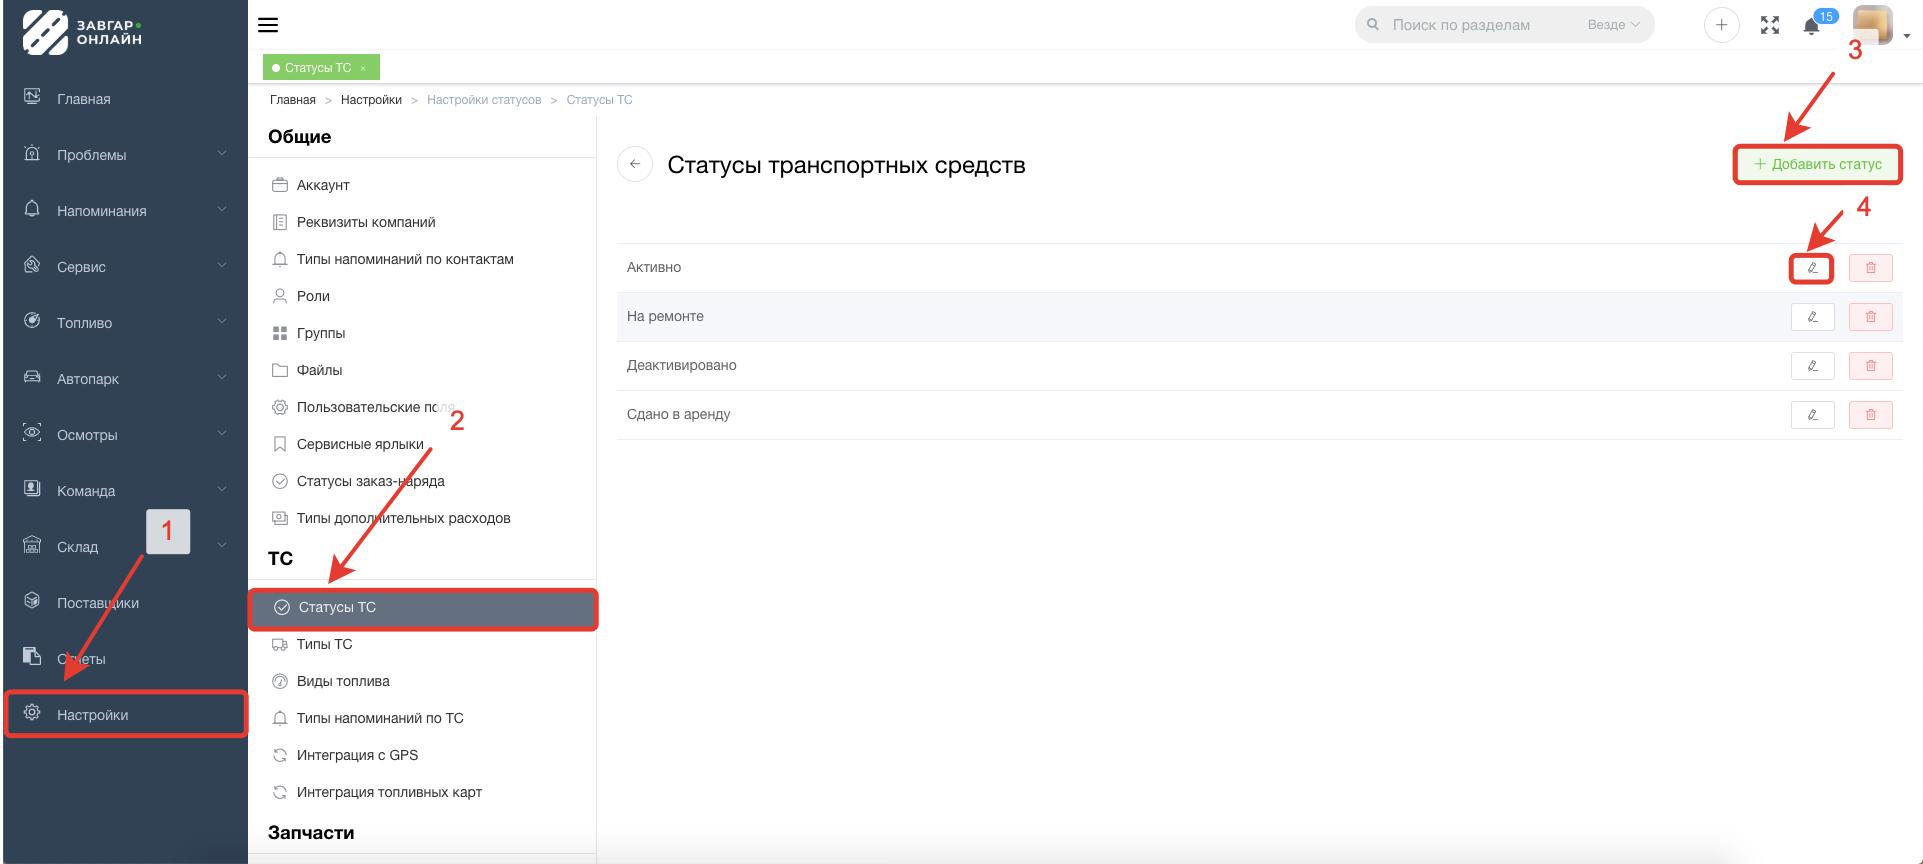 Статусы ТС в системе Завгар Онлайн